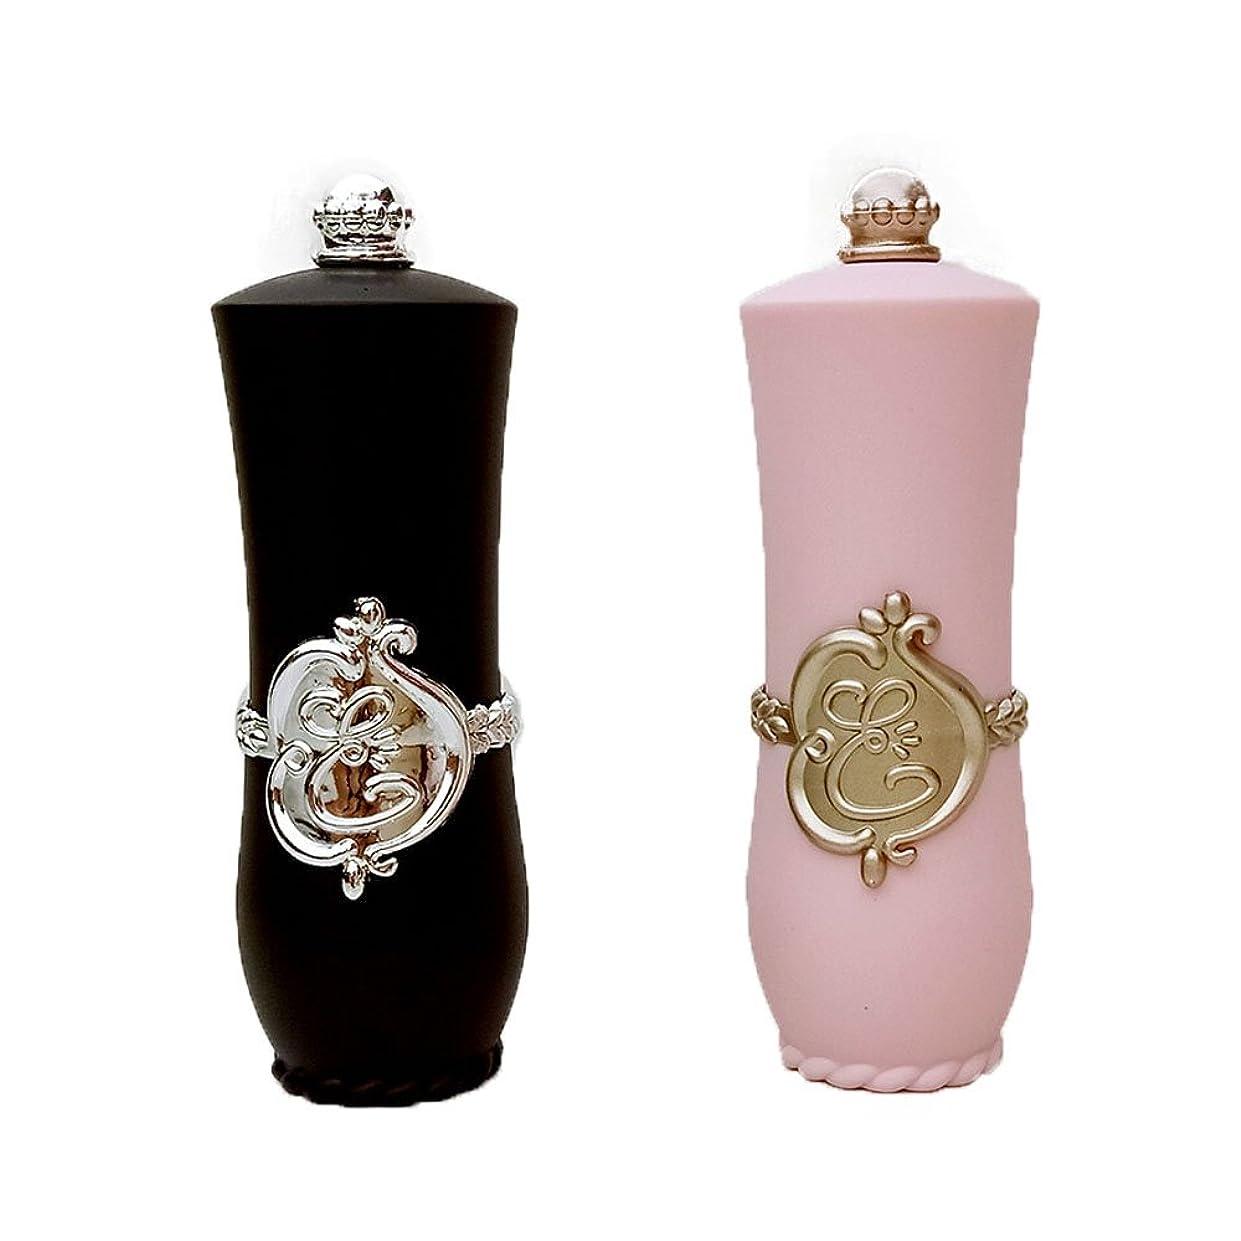 ケイ素魅力恥ずかしい10本12.1mmピンク/ブラックかわいい空の口紅チューブDIYのリップクリーム容器チューブ美容メイクアップツール (ピンク)